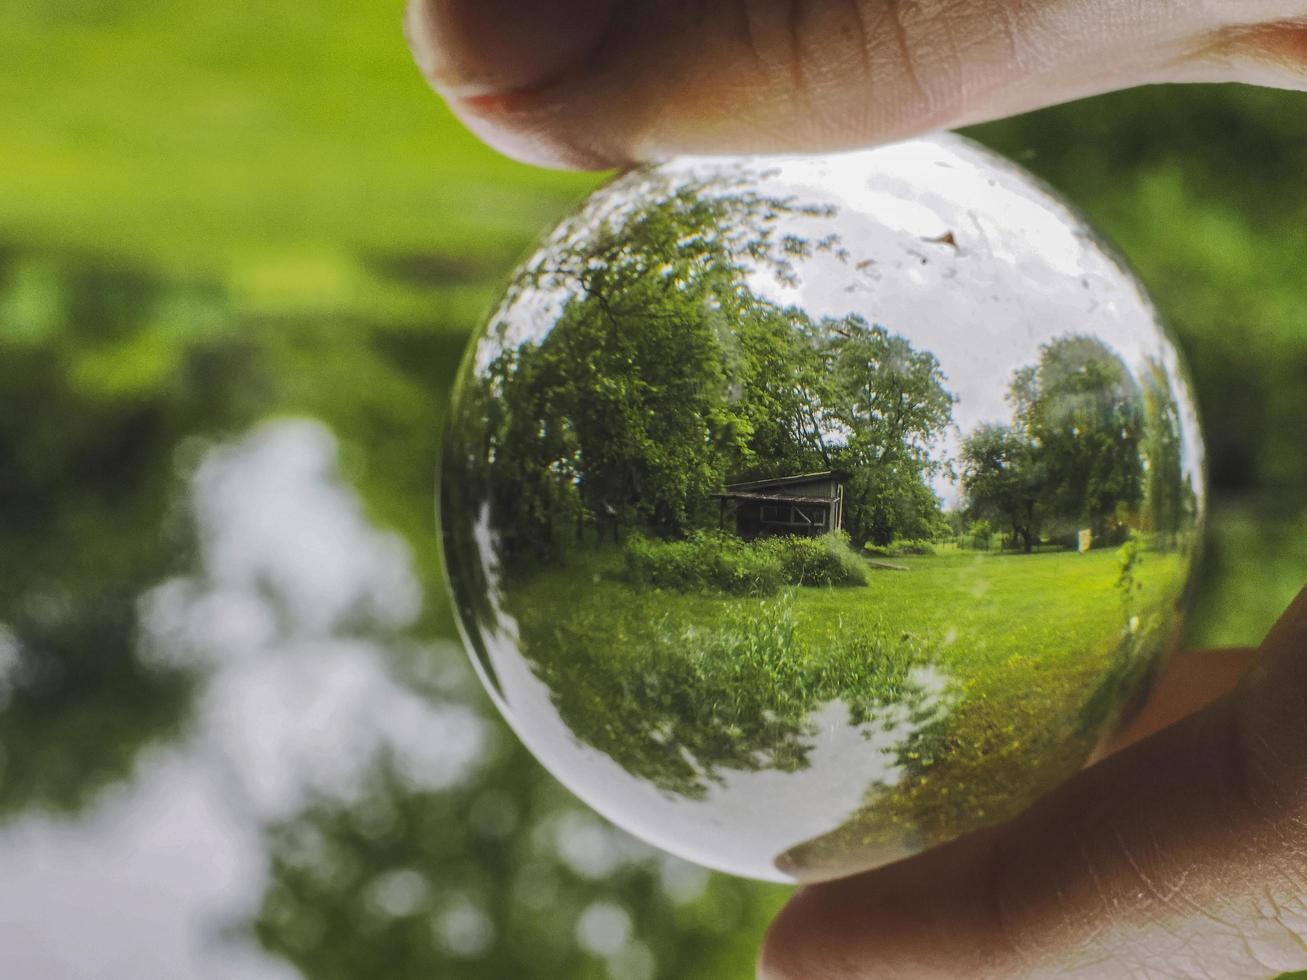 un hangar vu à travers une boule de verre tenue à la main photo